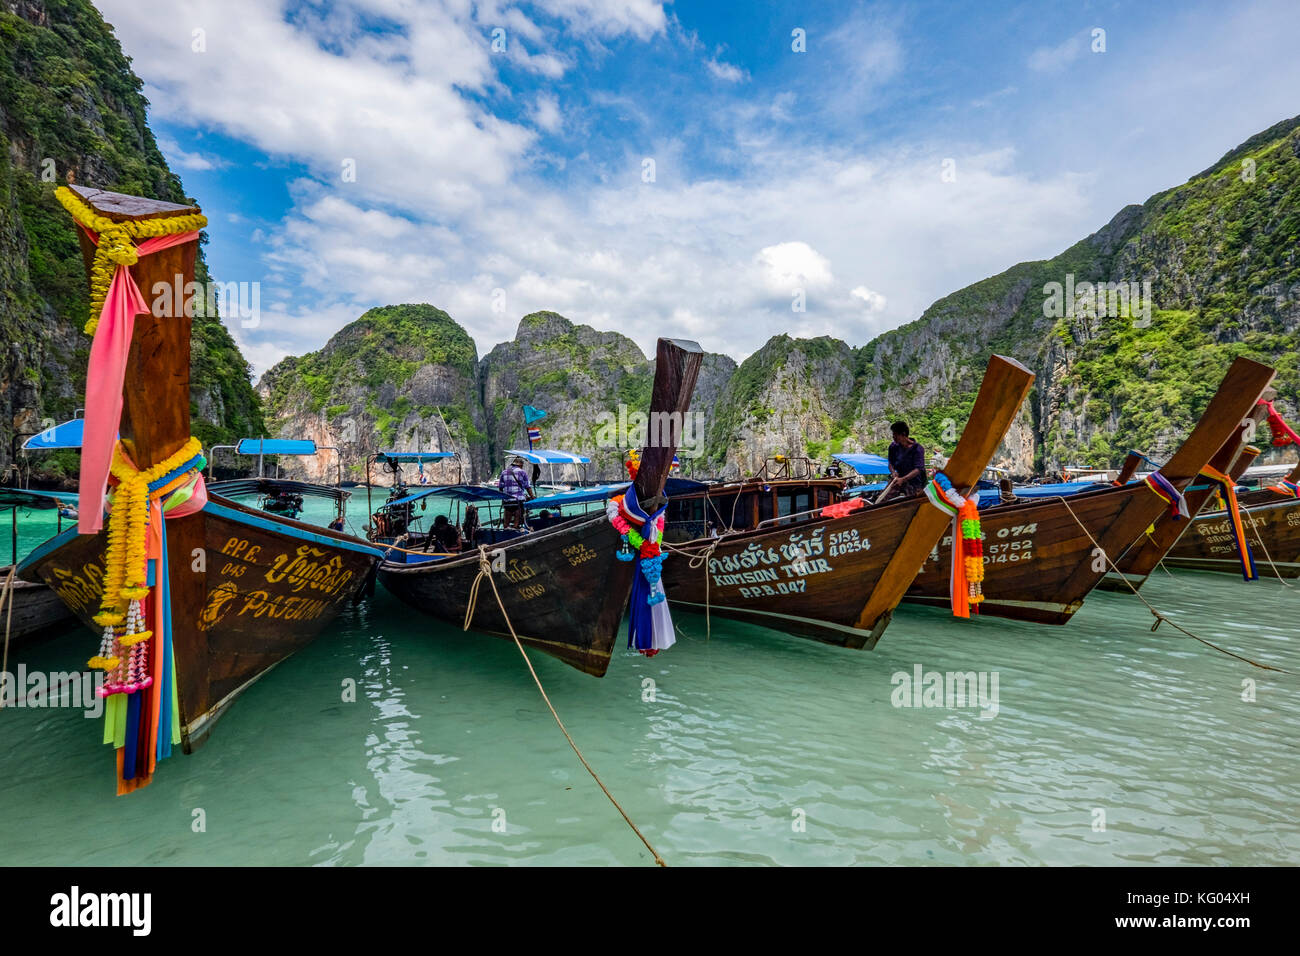 Thailand. Andaman Sea. Koh Phi Phi island. Maya bay. Long tail boats - Stock Image